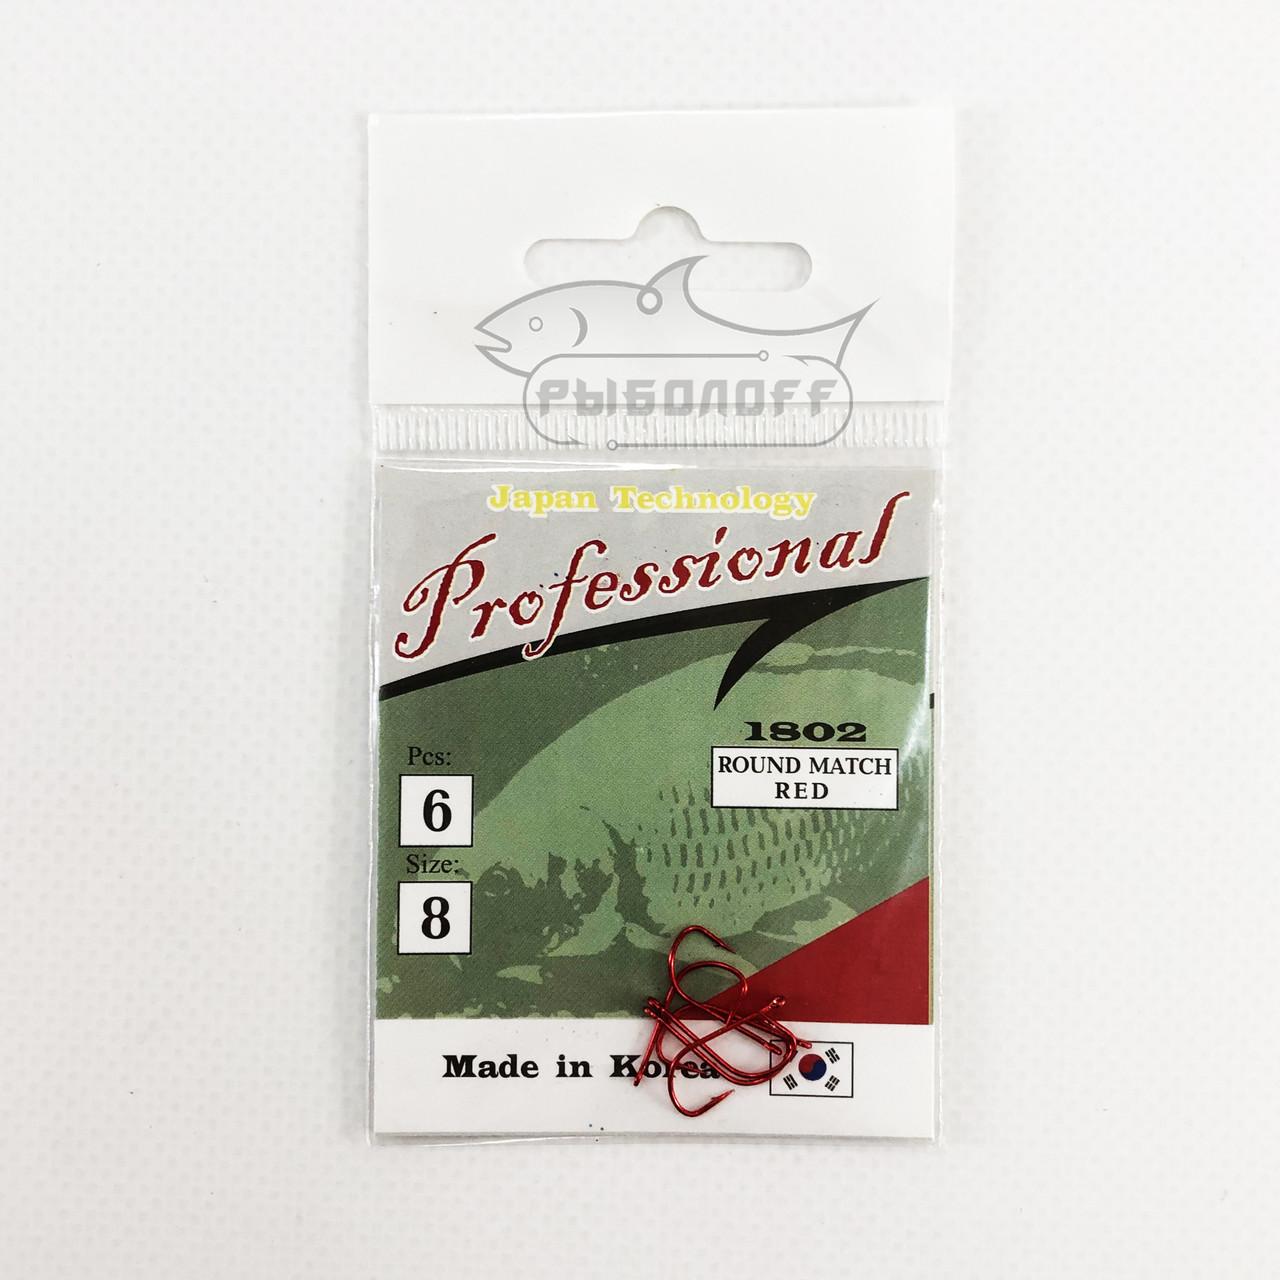 Крючок Professional 1802 размер 6 количество 8